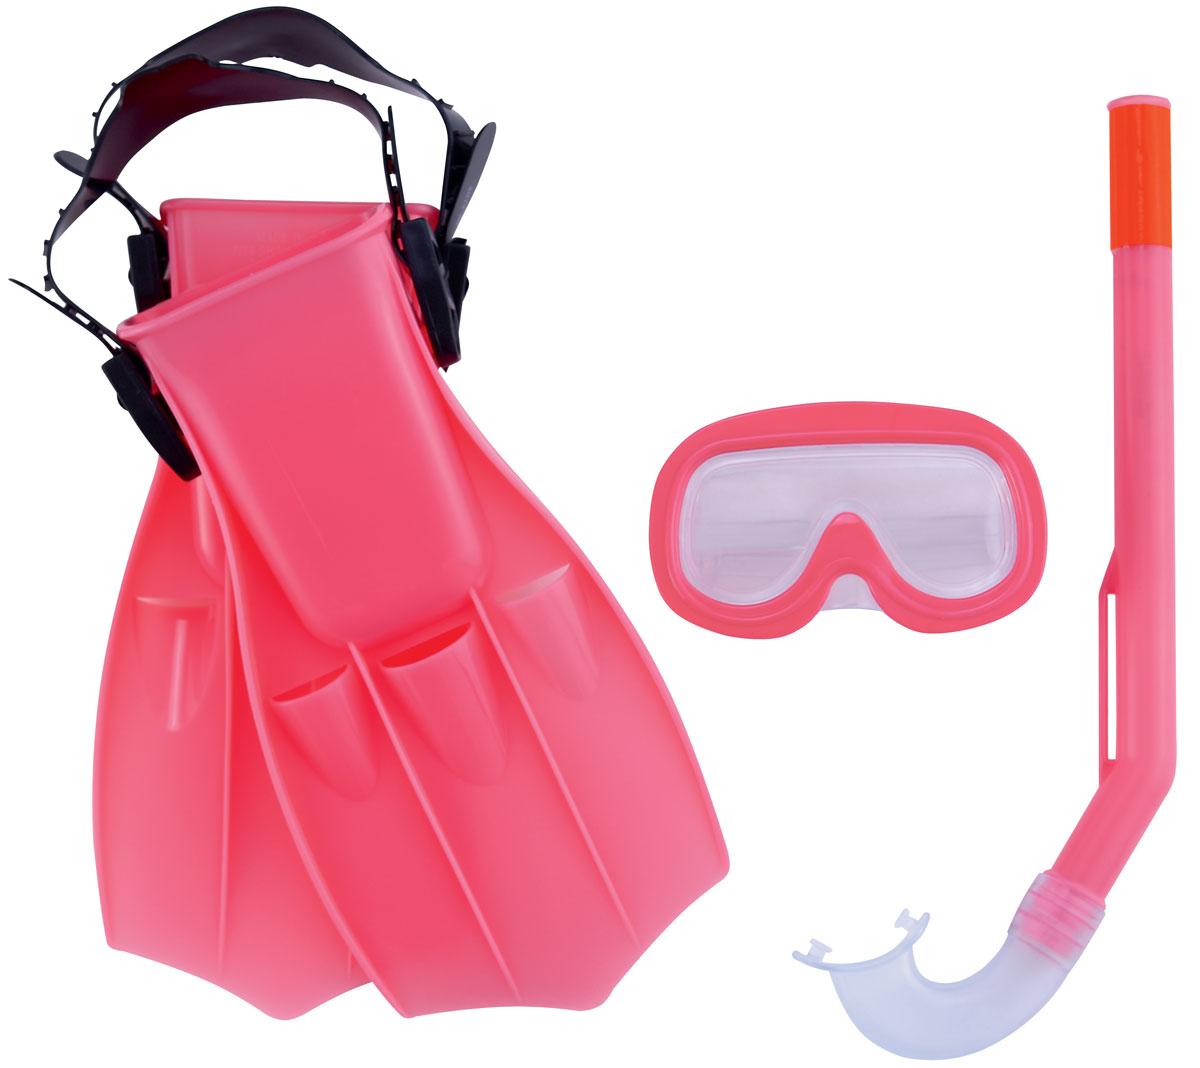 Bestway Набор для ныряния детский Play Pro. 2500825008Детский набор для ныряния Bestway Play Pro предназначен для малышей в возрасте от 3 до 6 лет. В комплект входит удобная маска, обеспечивающая хороший обзор и прочное крепление, ласты и трубка со специальным стандартным изгибом, надежно предотвращающая попадание воды. С таким набором вы можете быть спокойны за безопасность ребенка, изучающего подводный мир. Гарантией качества, удобства и прочности этого набора является его известный производитель Bestway. Этот бренд, появившийся еще в 1993 году, зарекомендовал себя на рынке как изготовитель первоклассных изделий для активного отдыха.